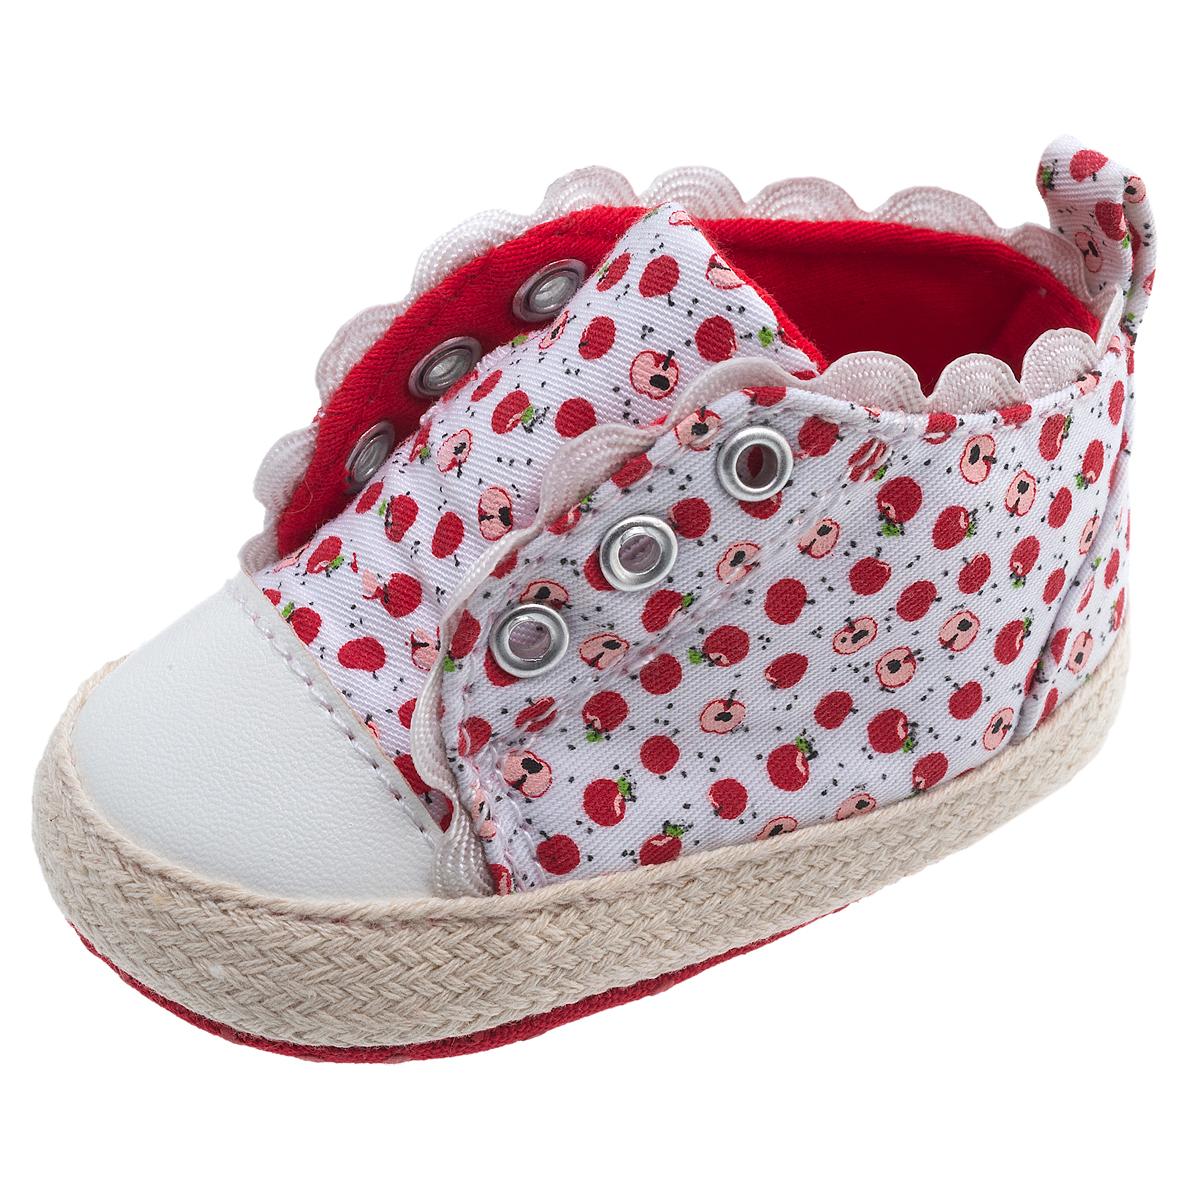 Pantofi Copii Chicco Olivy, Alb, 63104 imagine